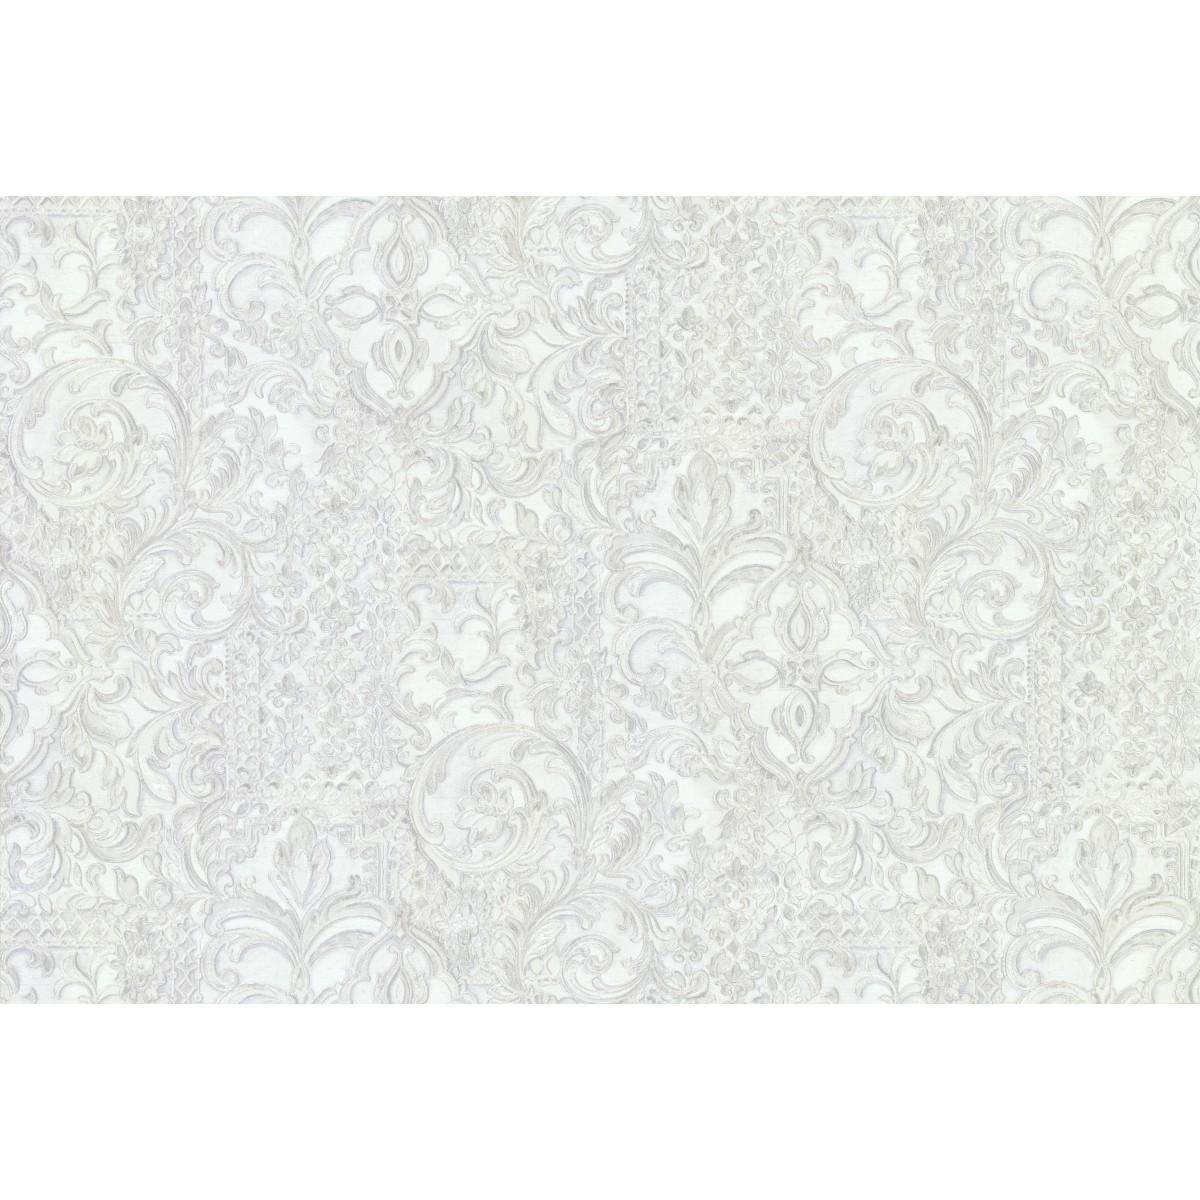 Обои флизелиновые Esedra IMPERATRICE белые 1.06 м 46104